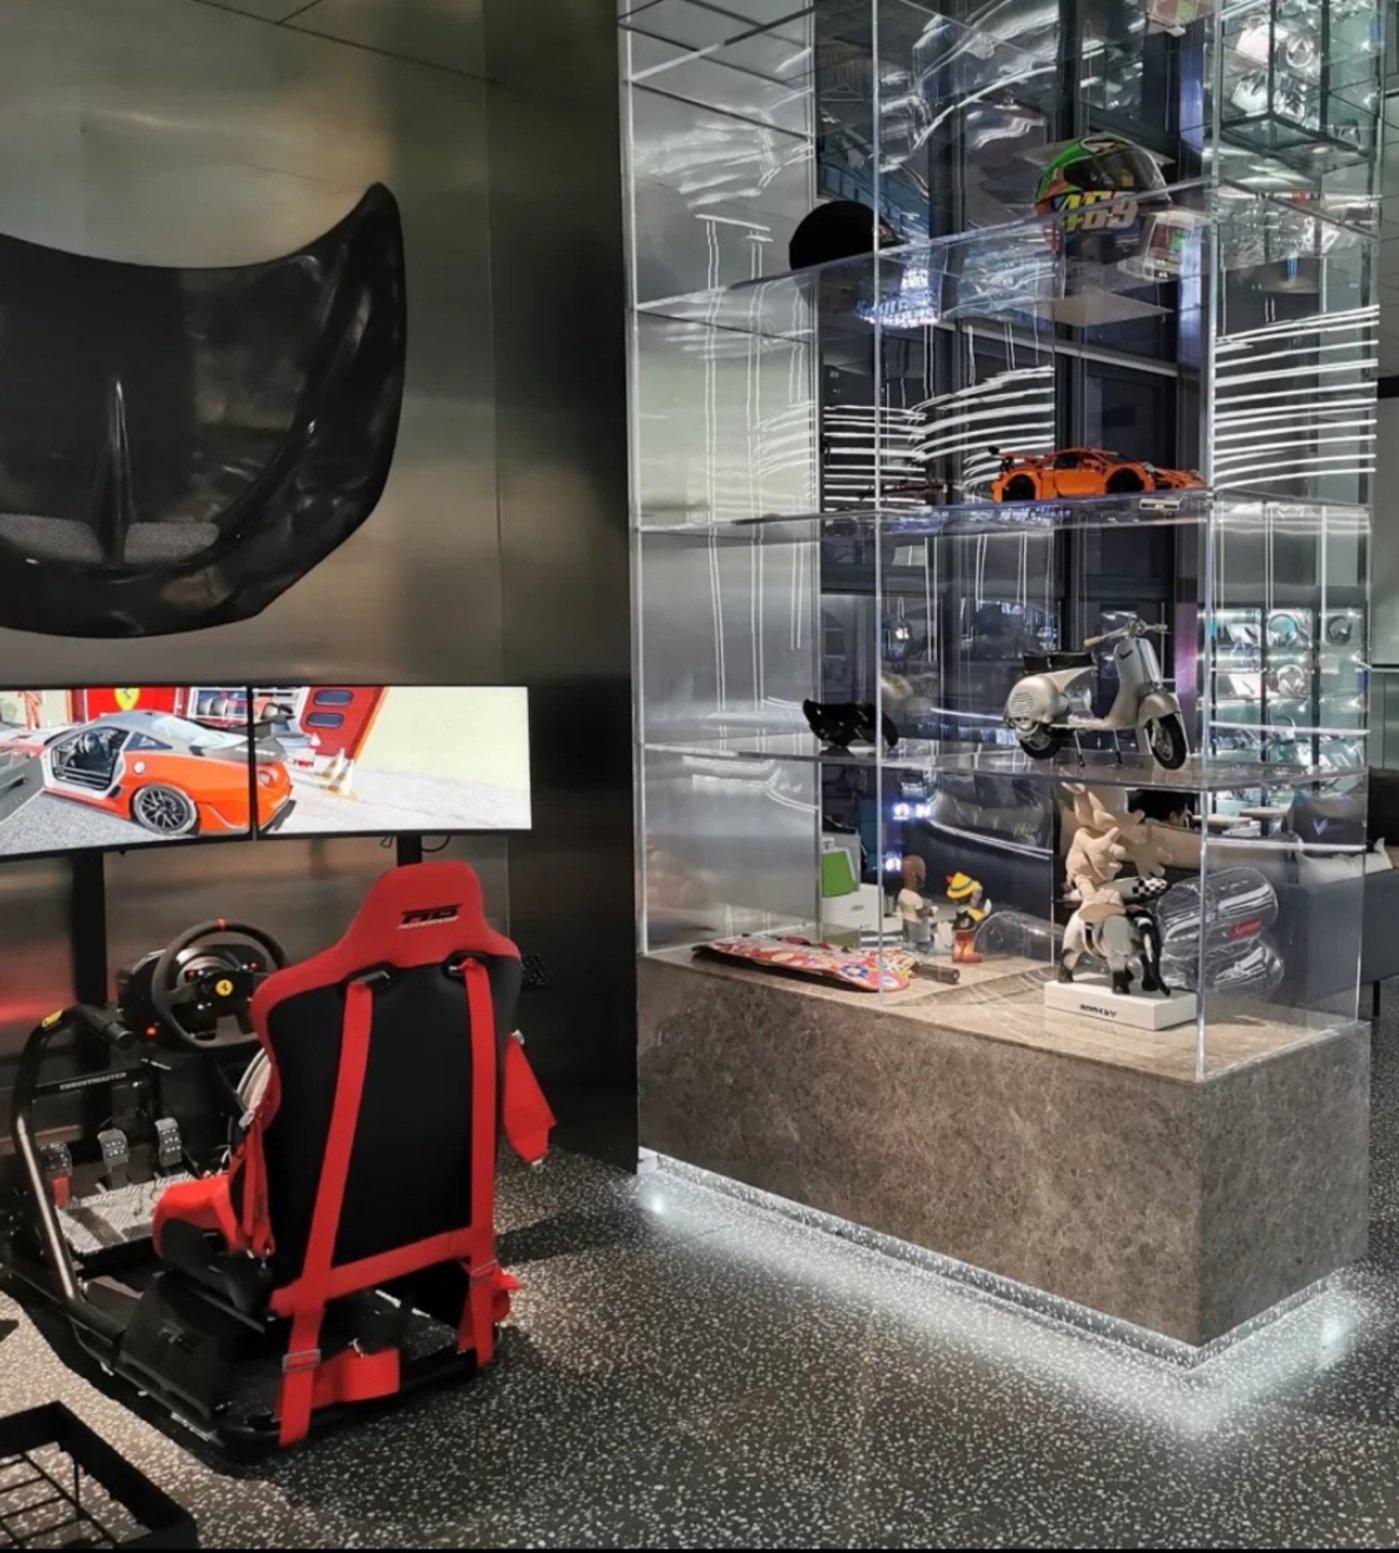 不少电竞馆都会配备价格不菲的赛车模拟器